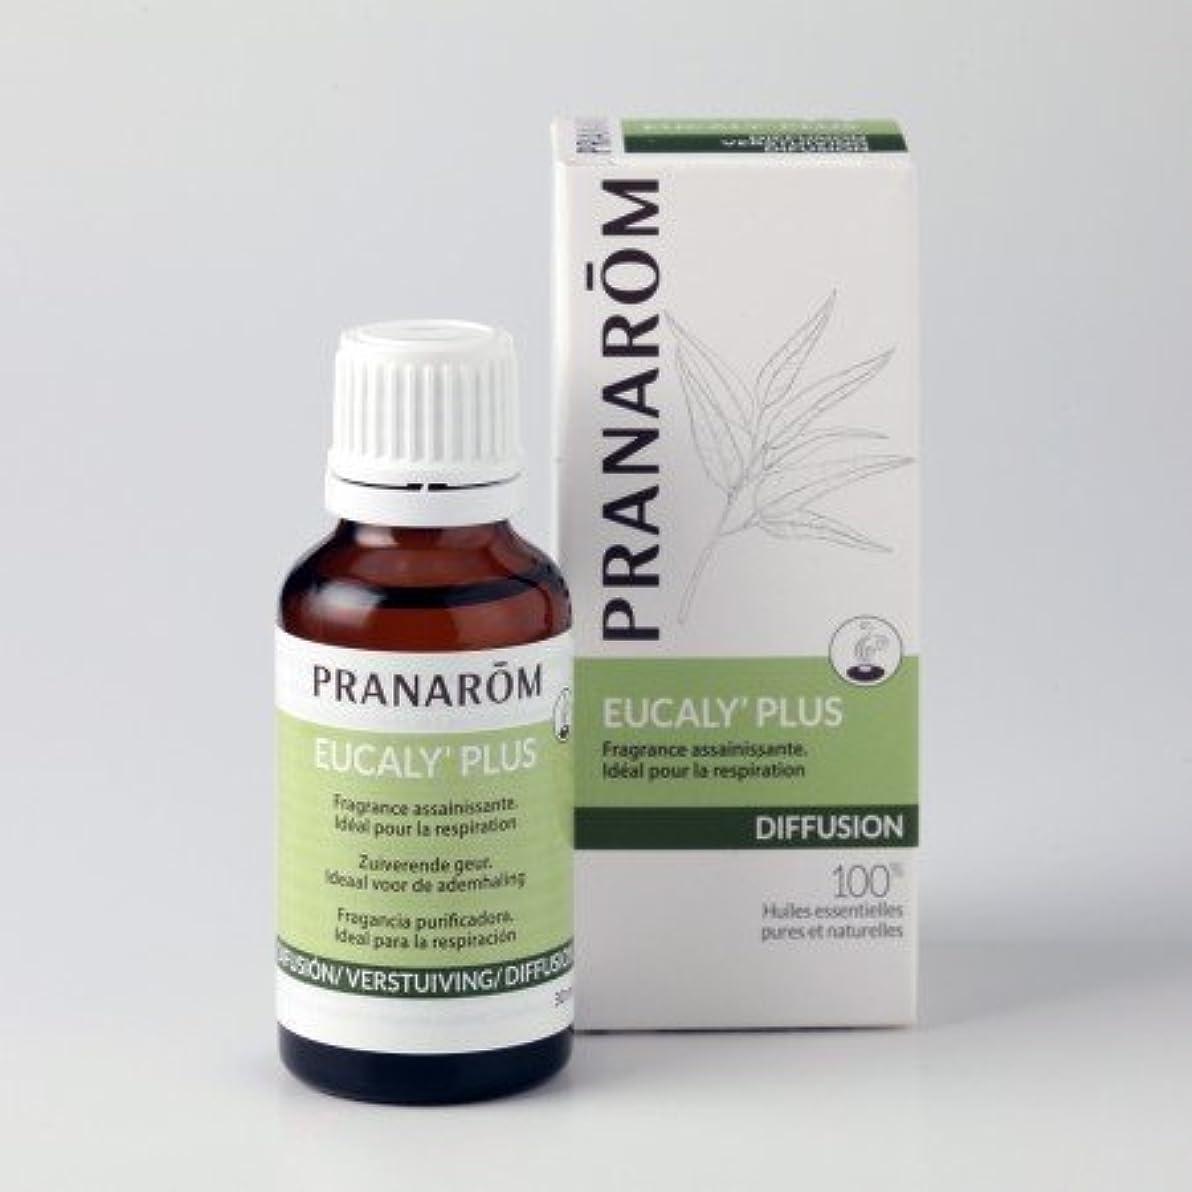 バーゲン腐った優先権プラナロム ( PRANAROM ) ルームコロン 胸一杯のフレッシュエア ユーカリプラス 30ml 02590 エアフレッシュナー ( 芳香剤 )